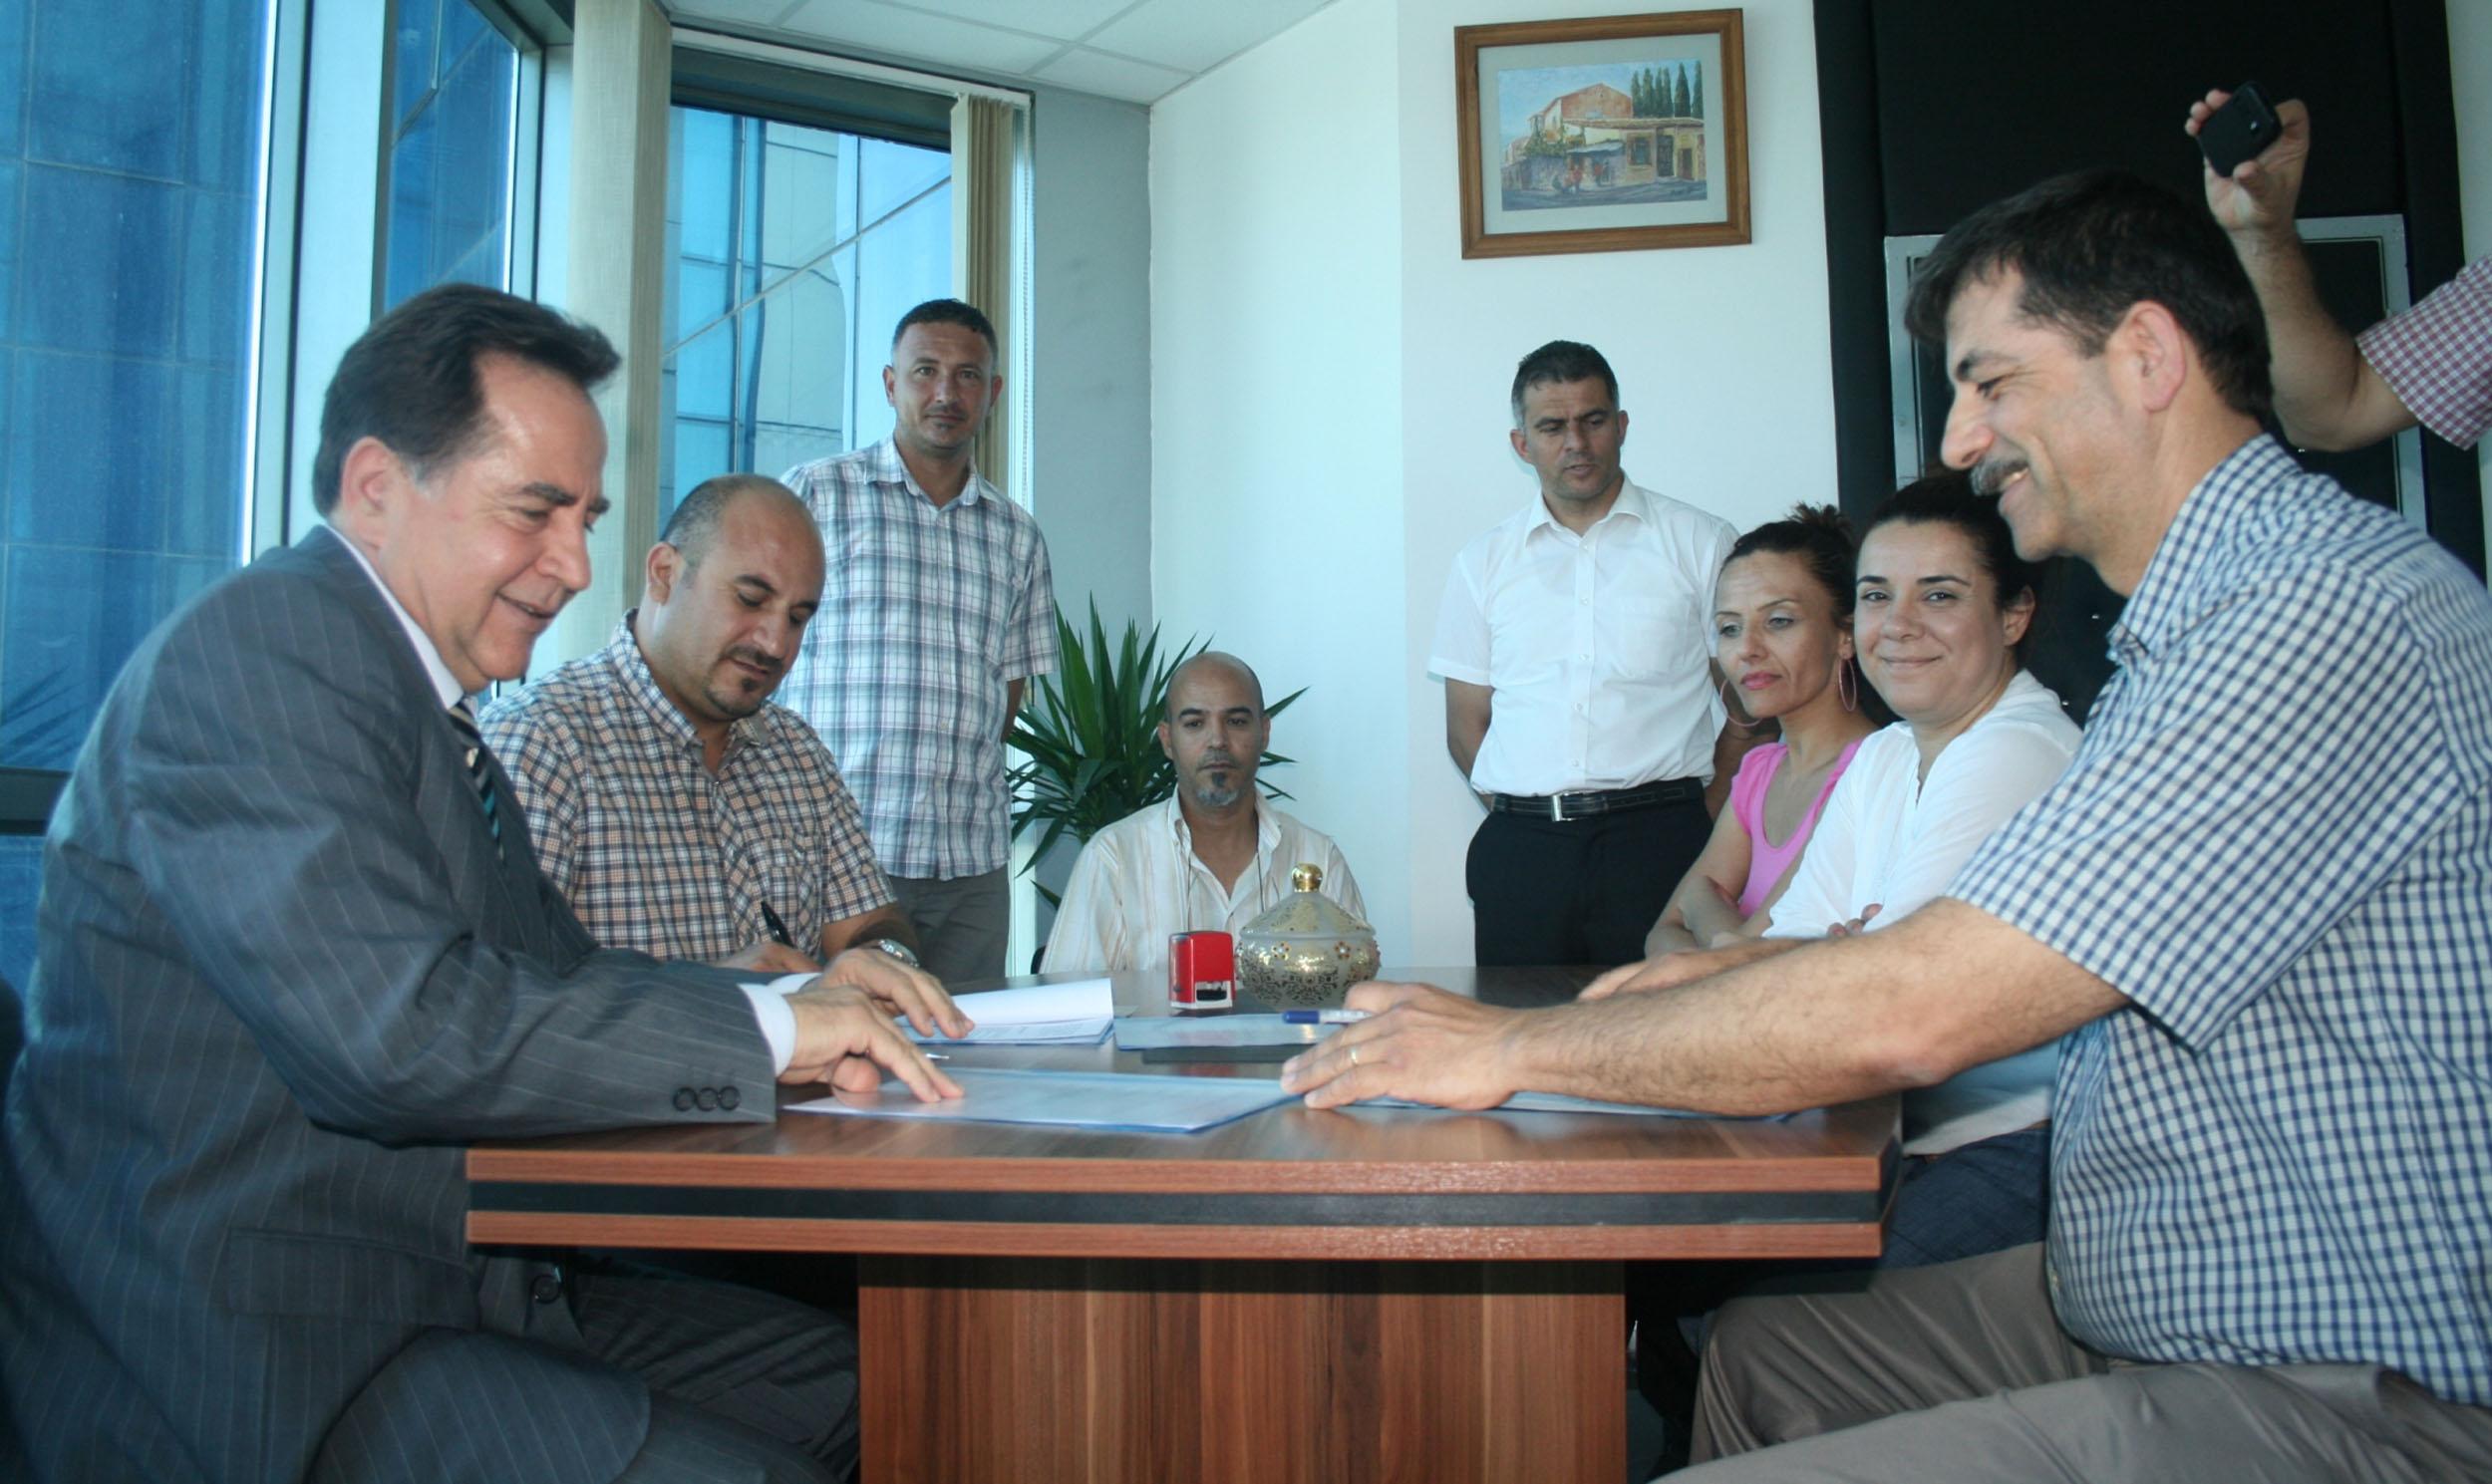 HAMİTKÖY'DE LTB'YE AİT BİNA HAK-DER'İN KULLANIMINA VERİLDİ